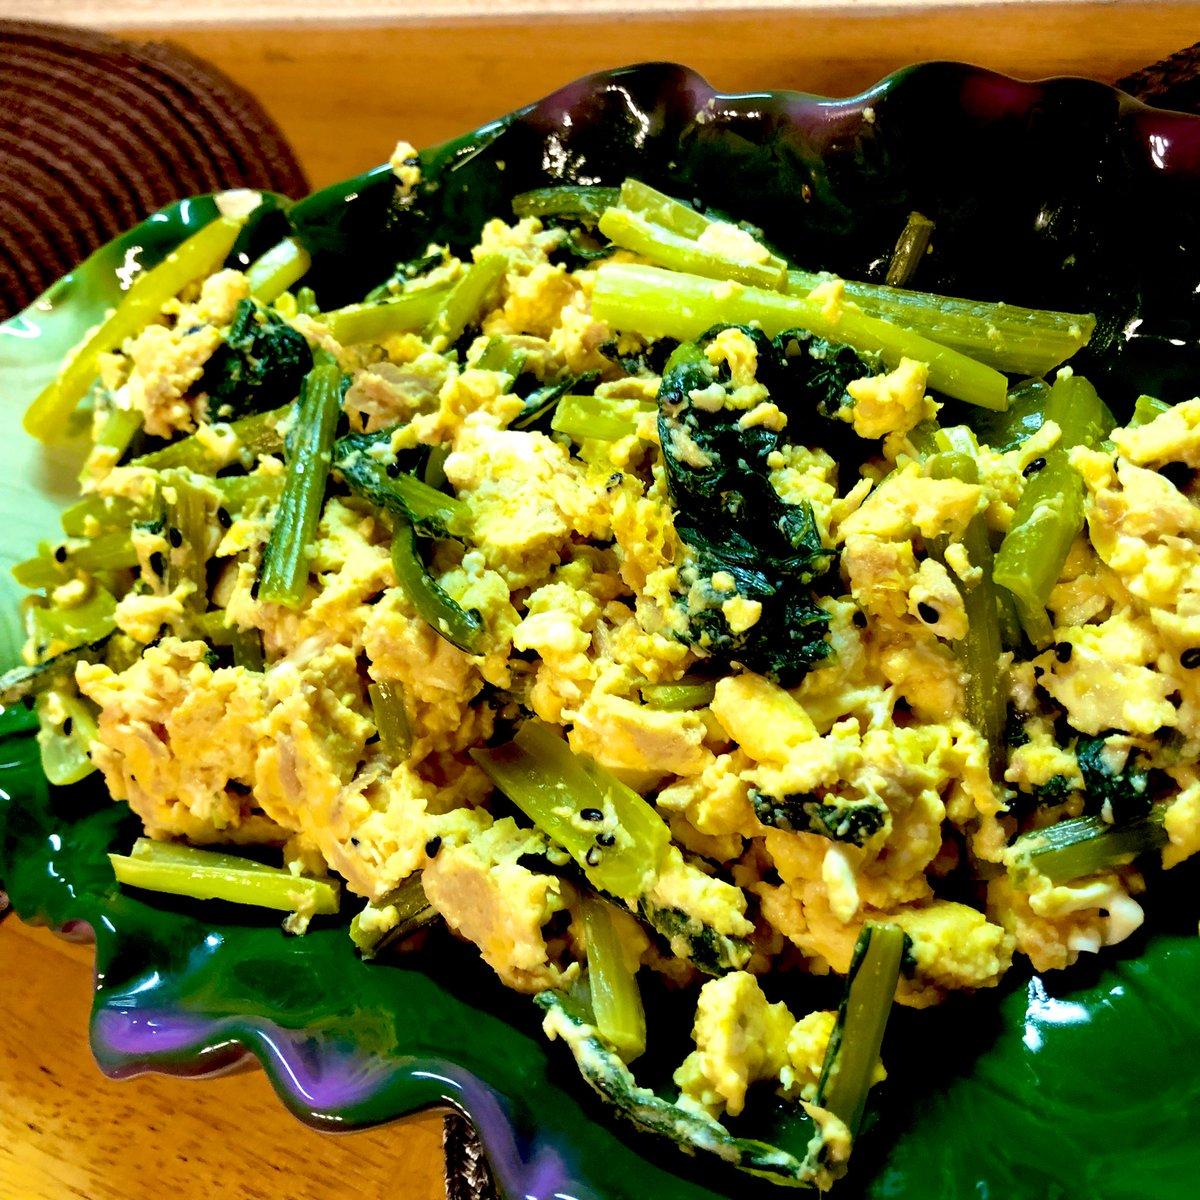 「シンプル!小松菜と卵の中華炒め」()#ぱぱぴえん #クラシル #kurashiru #ランチ #昼めし旅 #料理下手くそ選手権